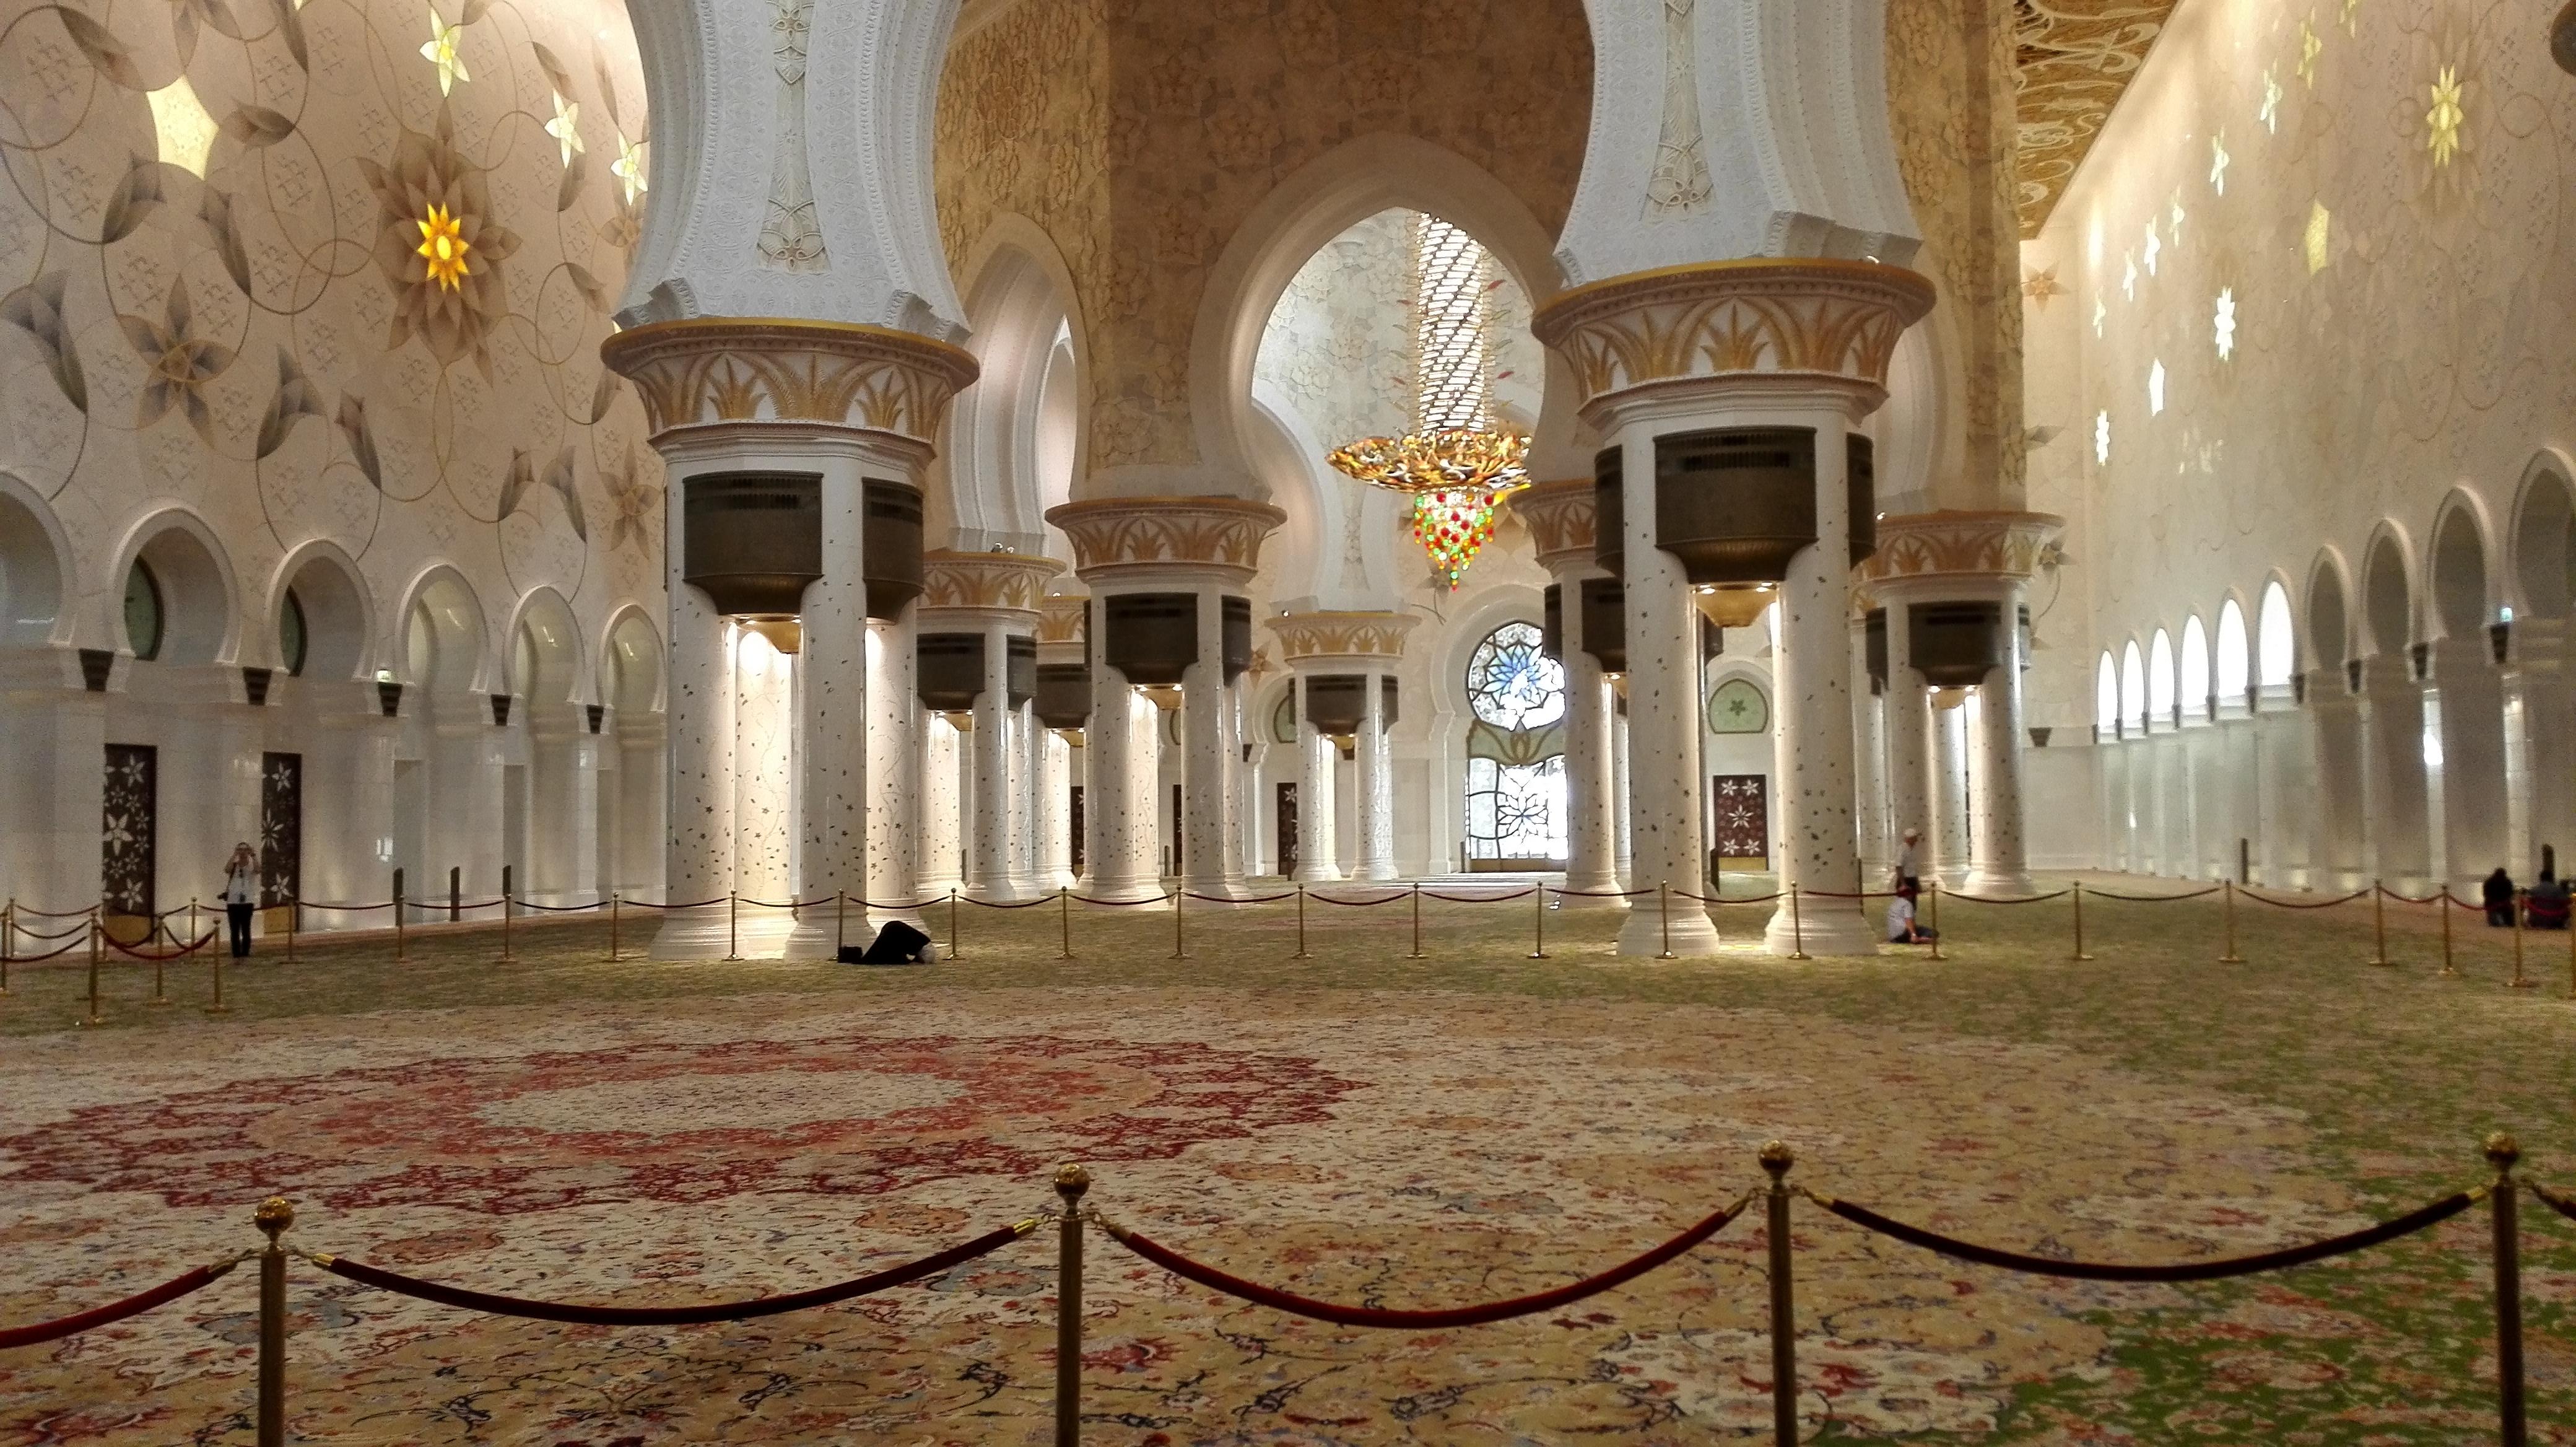 Moschea_Abu Dhabi_interni